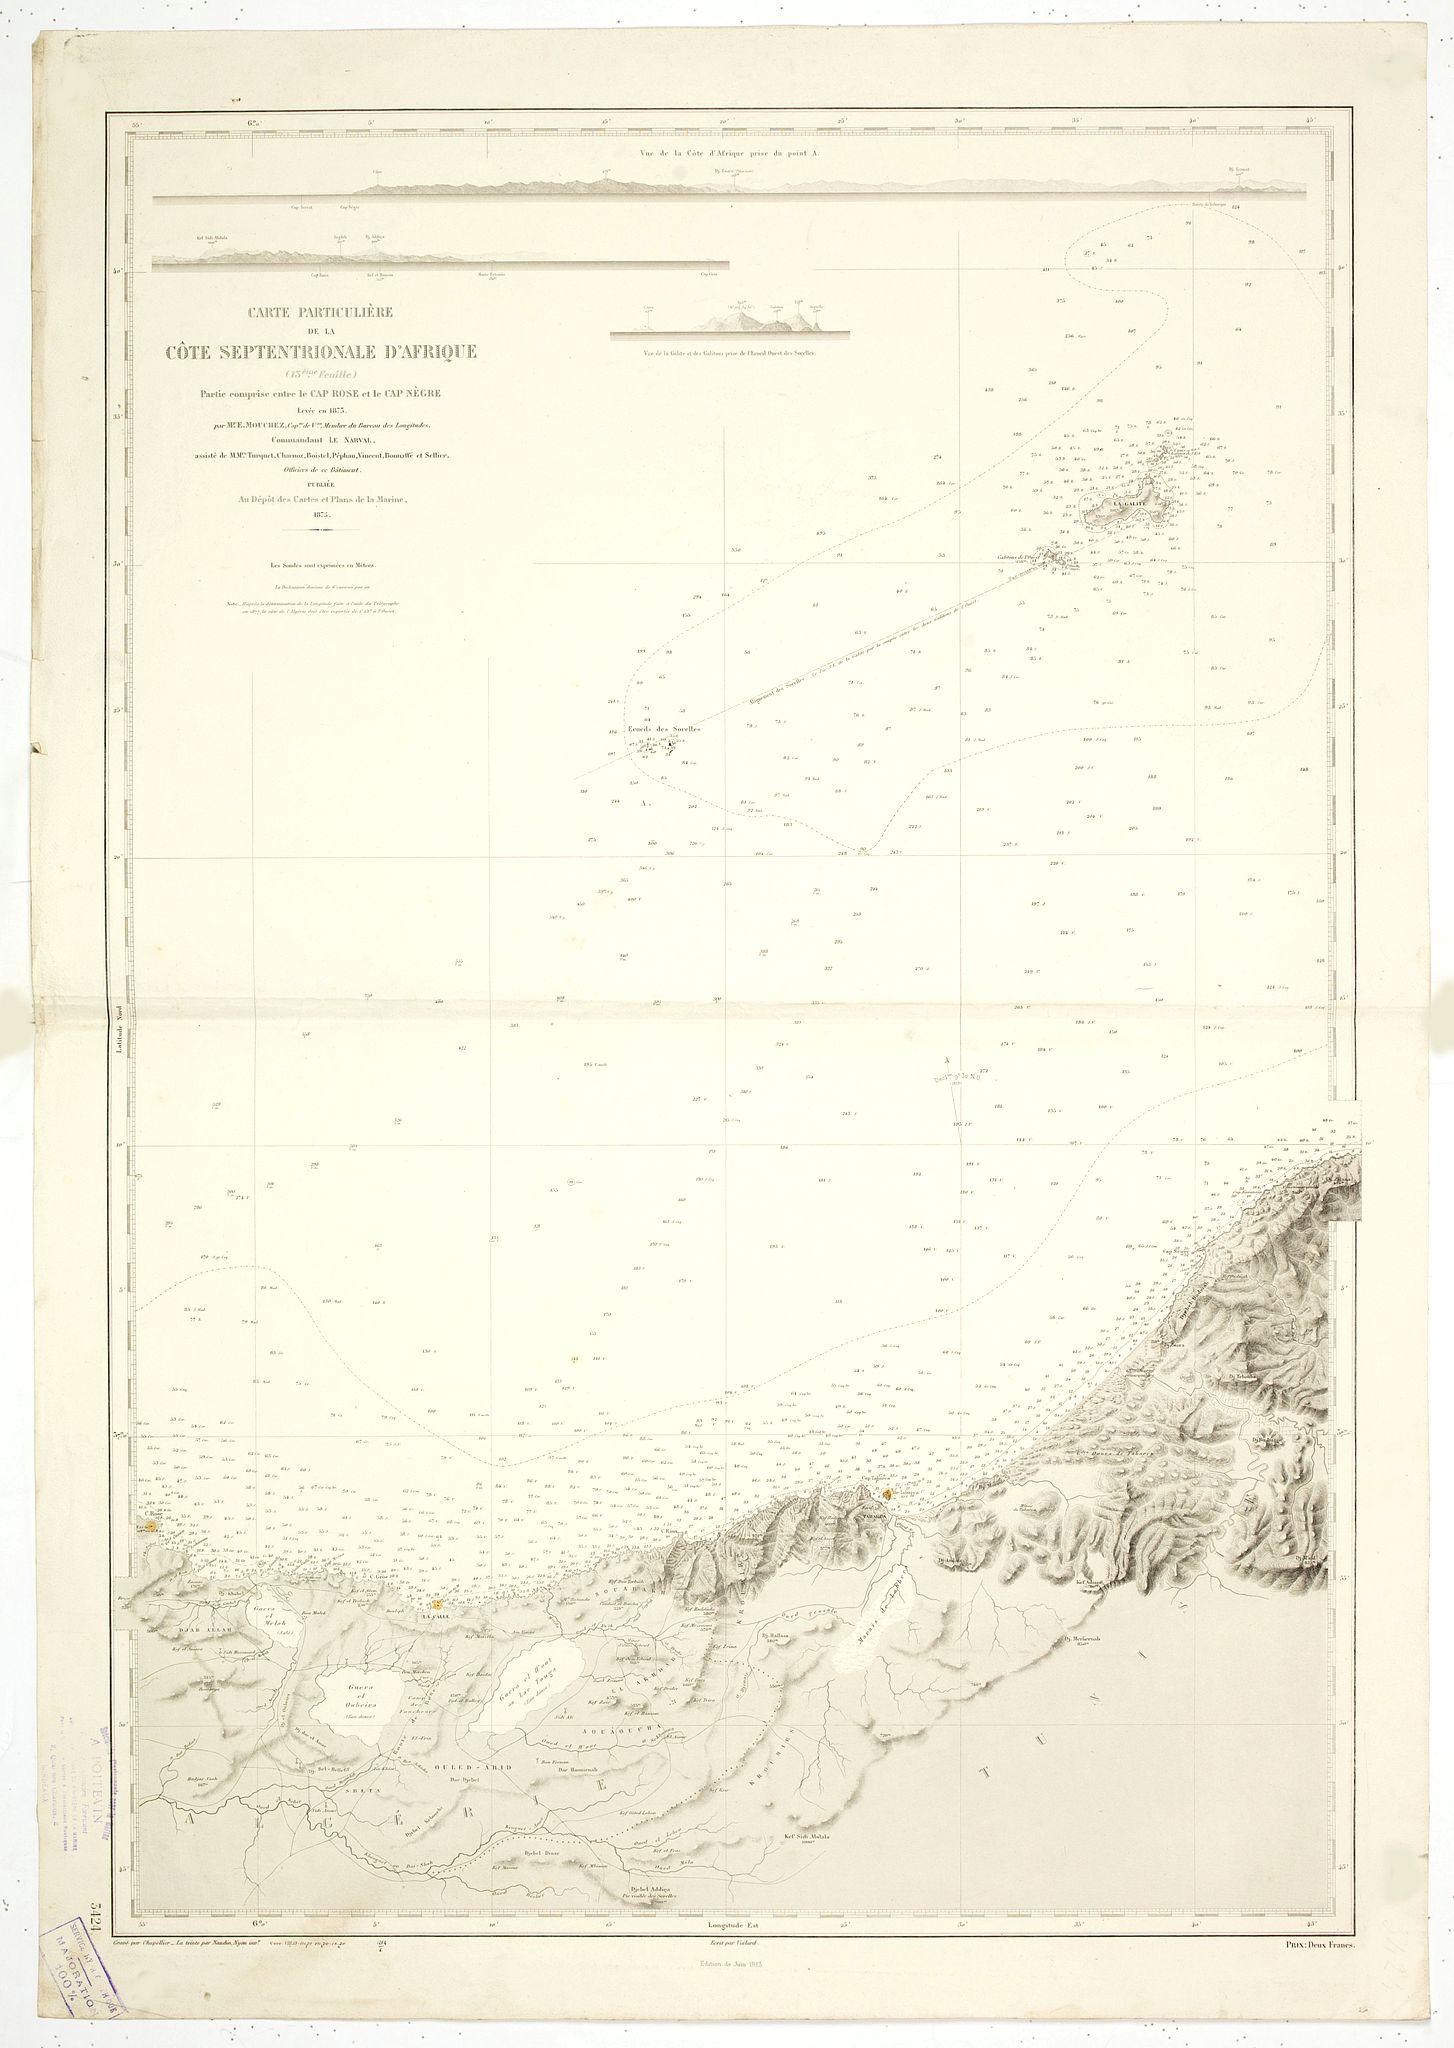 SERVICE HYDROGRAPHIQUE DE LA MARINE. -  Carte particuliere de la cote septentrionale d'Afrique. (13eme feuille)